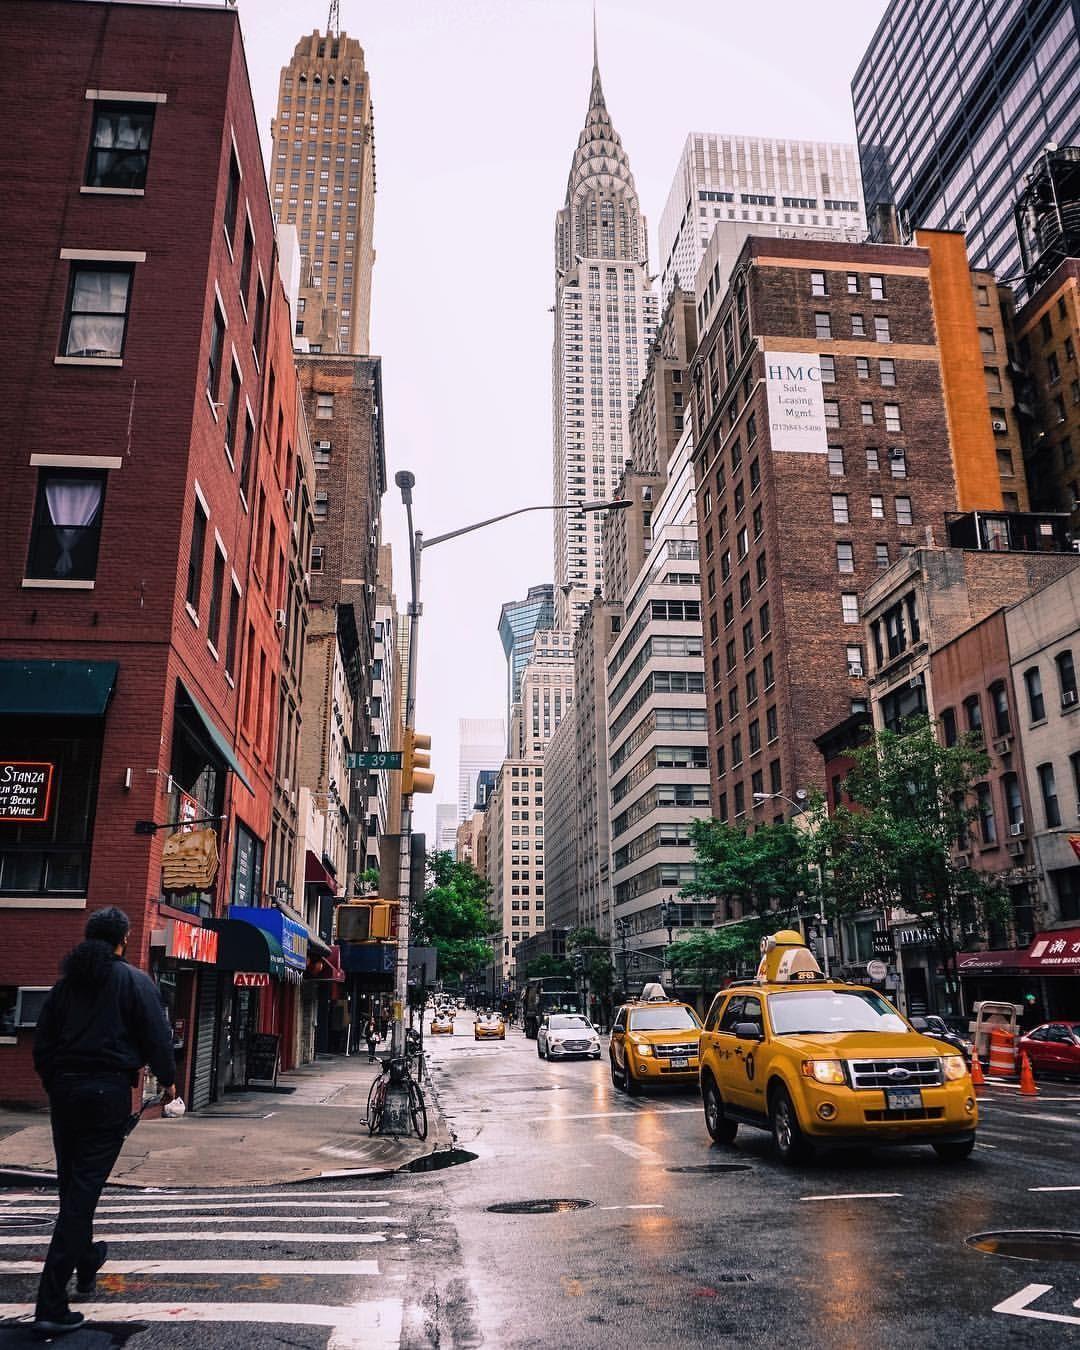 Weekend Getaways The 25 Best Weekend Getaway Spots In America Weekend Quotes Weekend Humor Weekend Pr New York City Travel New York City New York Photos